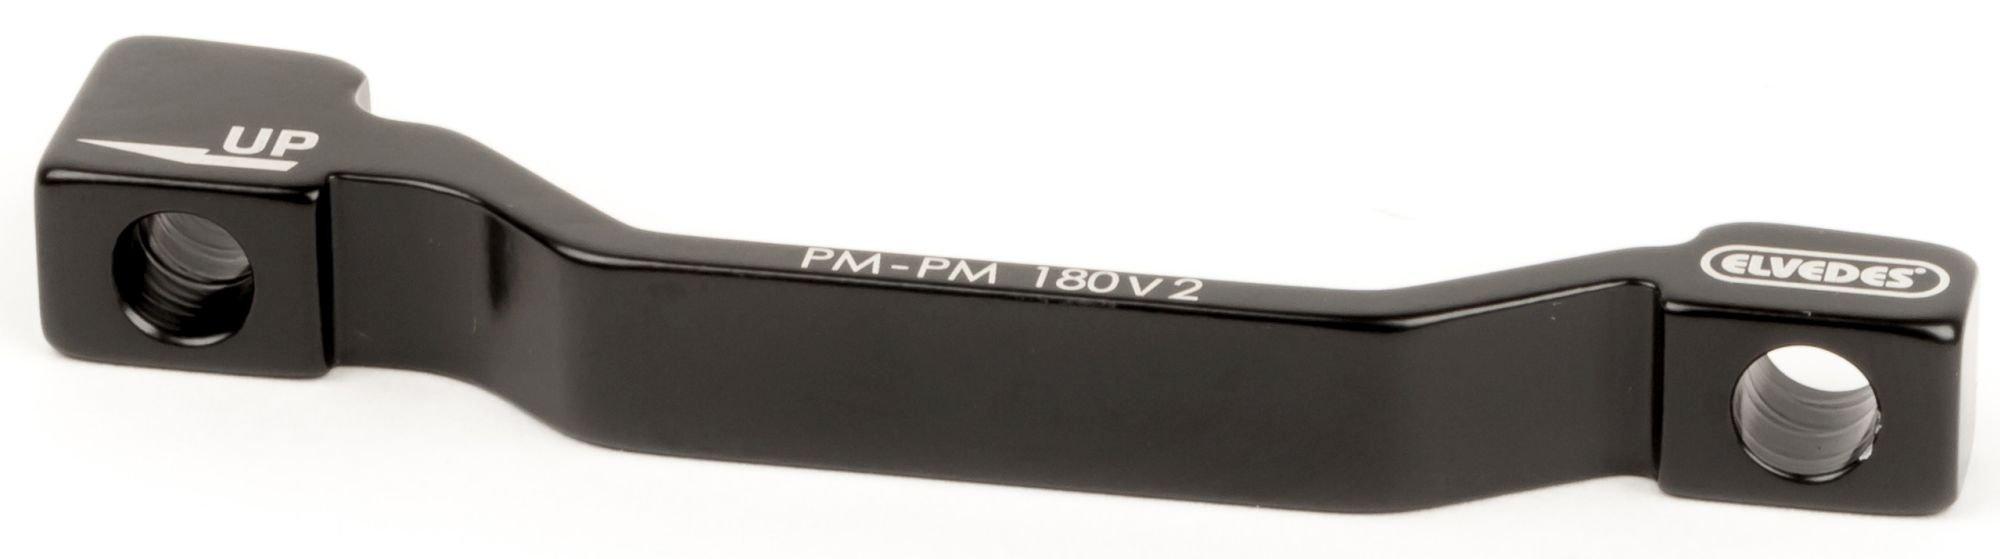 bremsen/Bremsen: Elvedes  Bremsscheibenadapter PM-PM 180 mm front